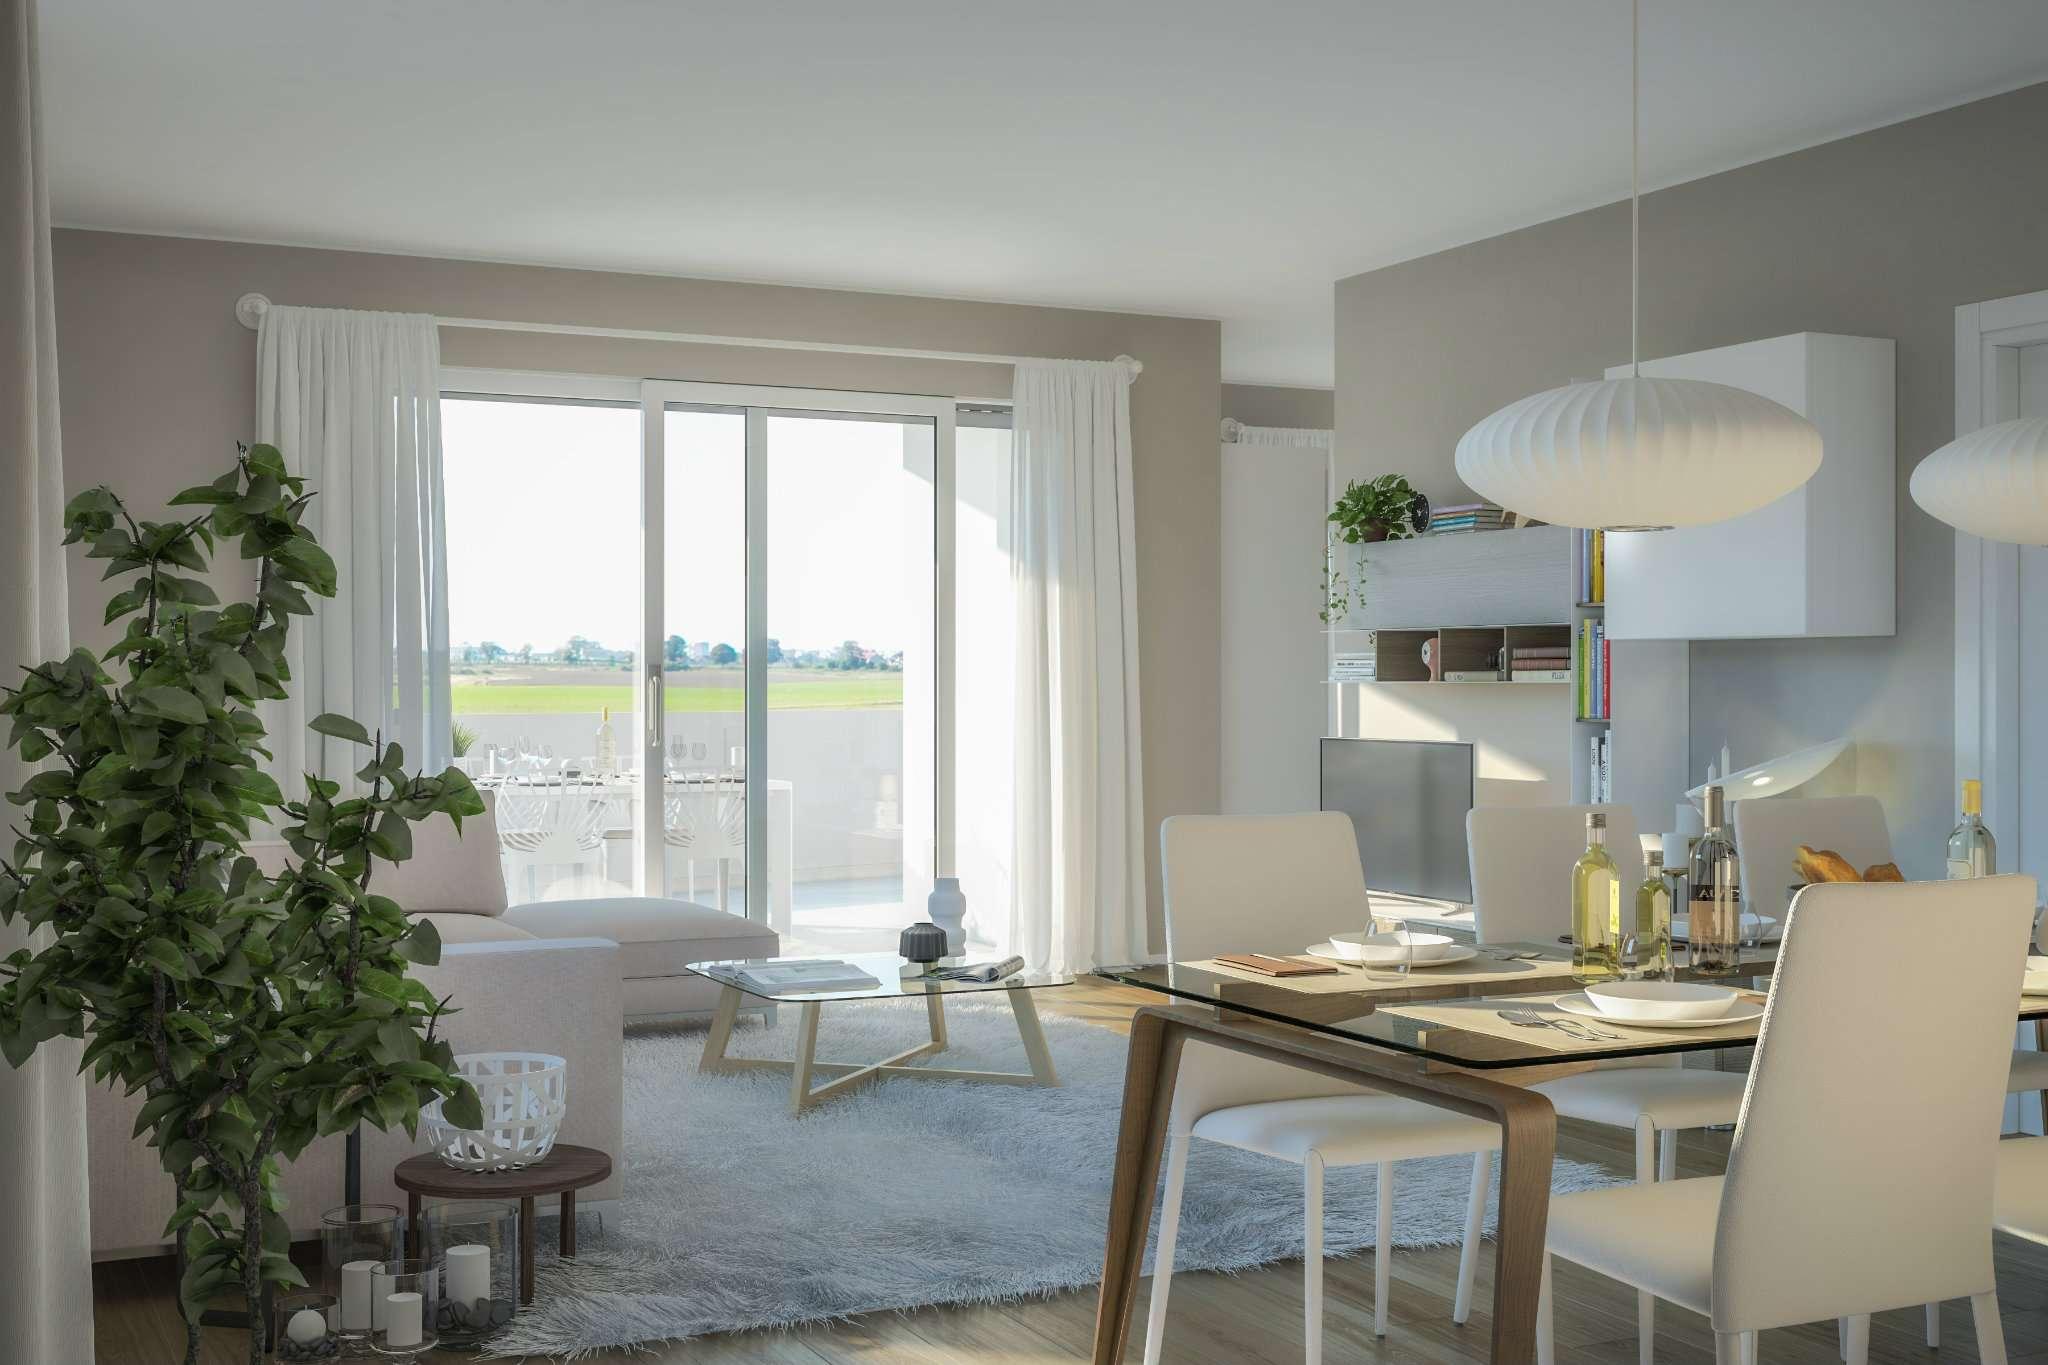 Appartamento in vendita a Varallo, 3 locali, prezzo € 166.500 | PortaleAgenzieImmobiliari.it